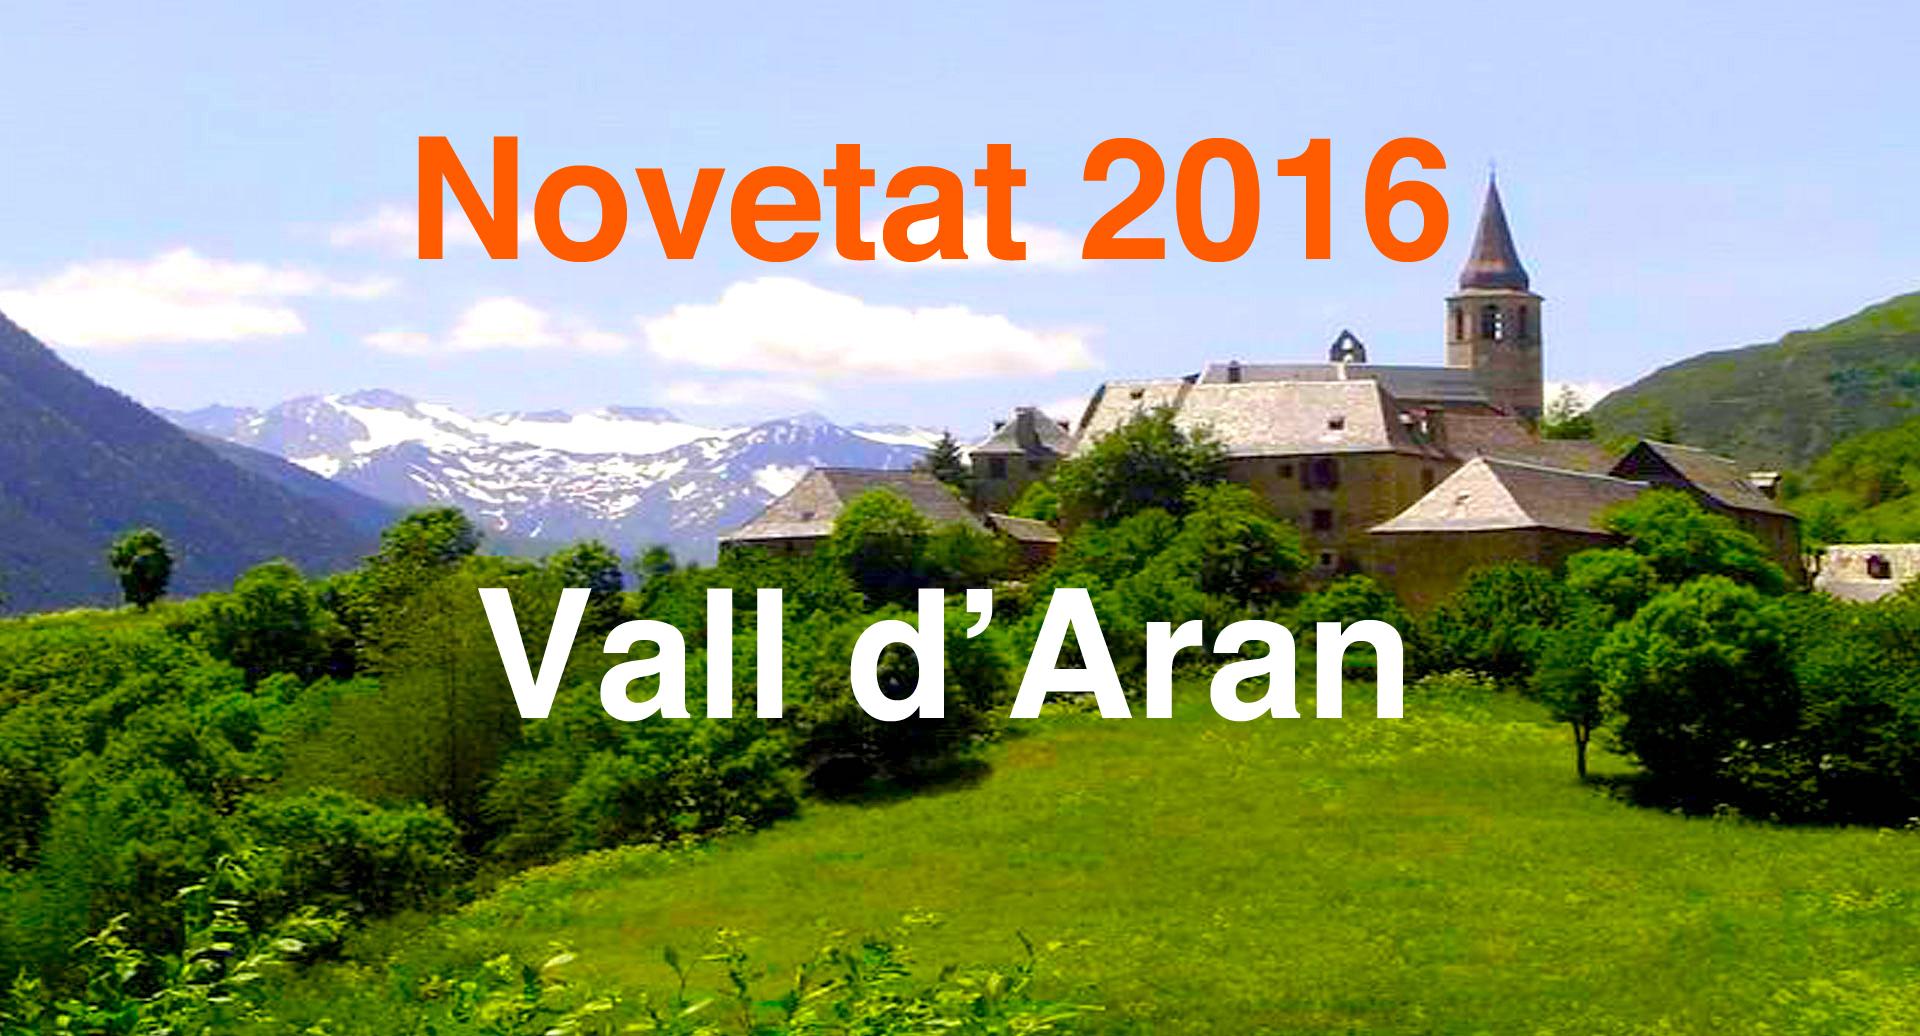 Valle de aran turismo en el valle de aran viaje organizado - Inmobiliaria valle de aran ...